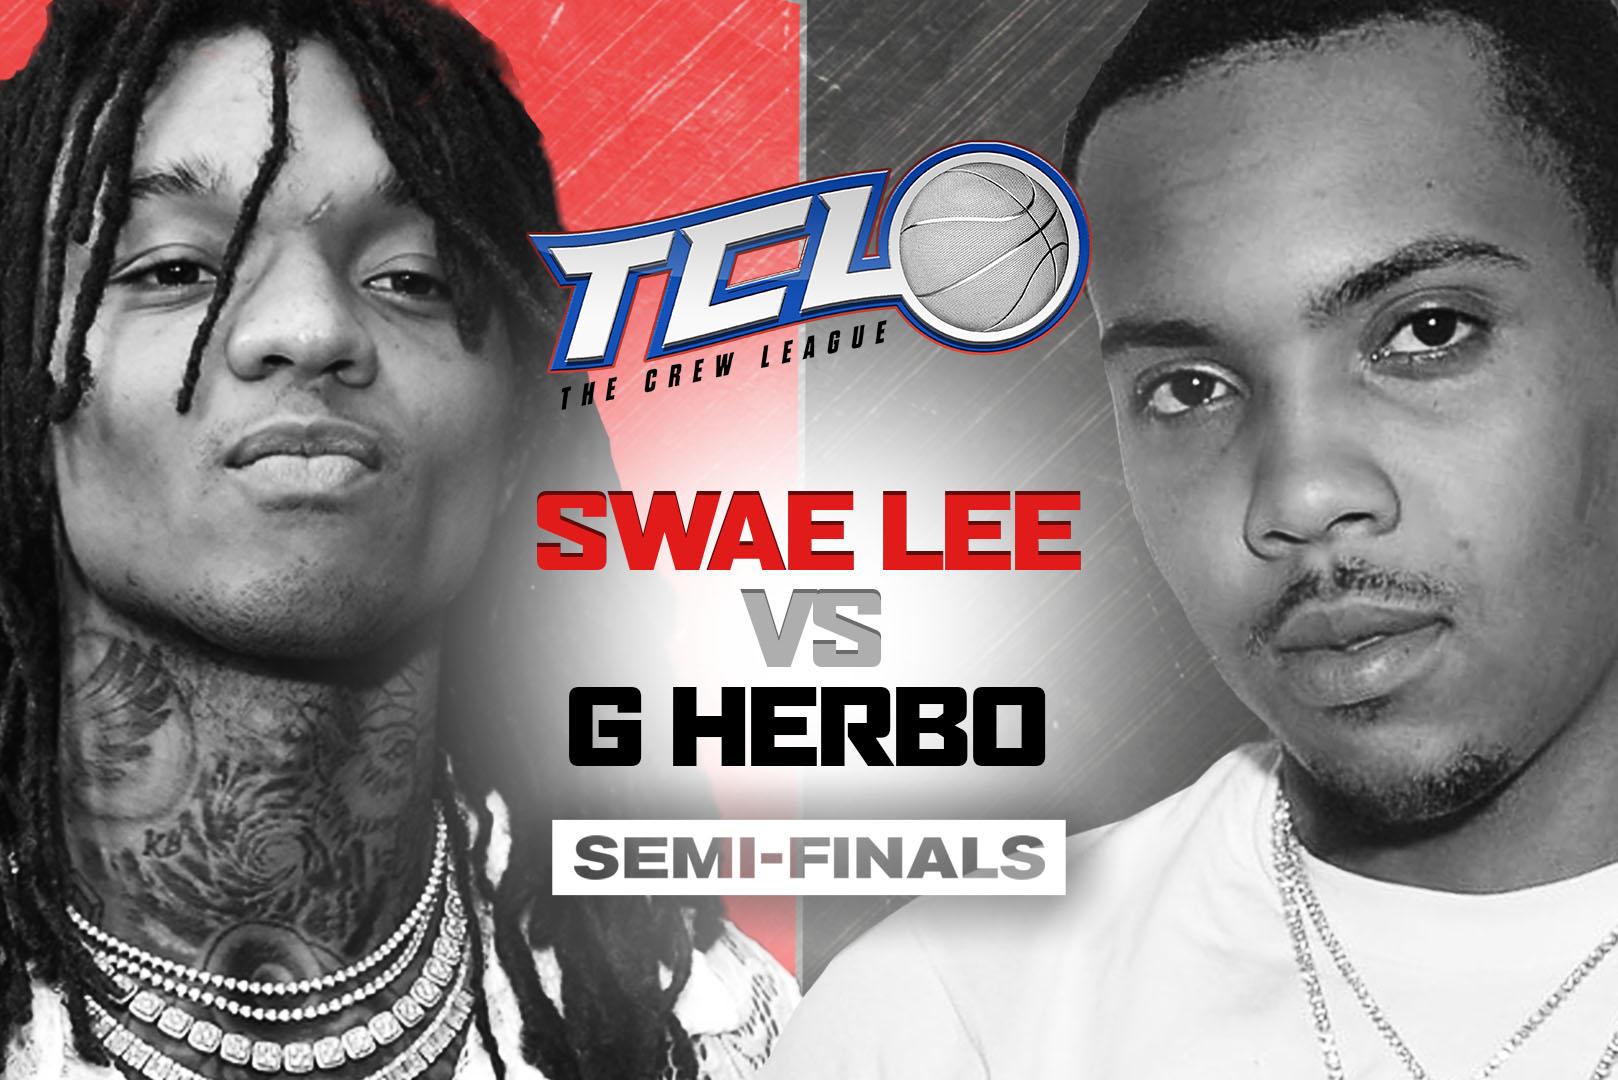 Swae Lee vs. G Herbo